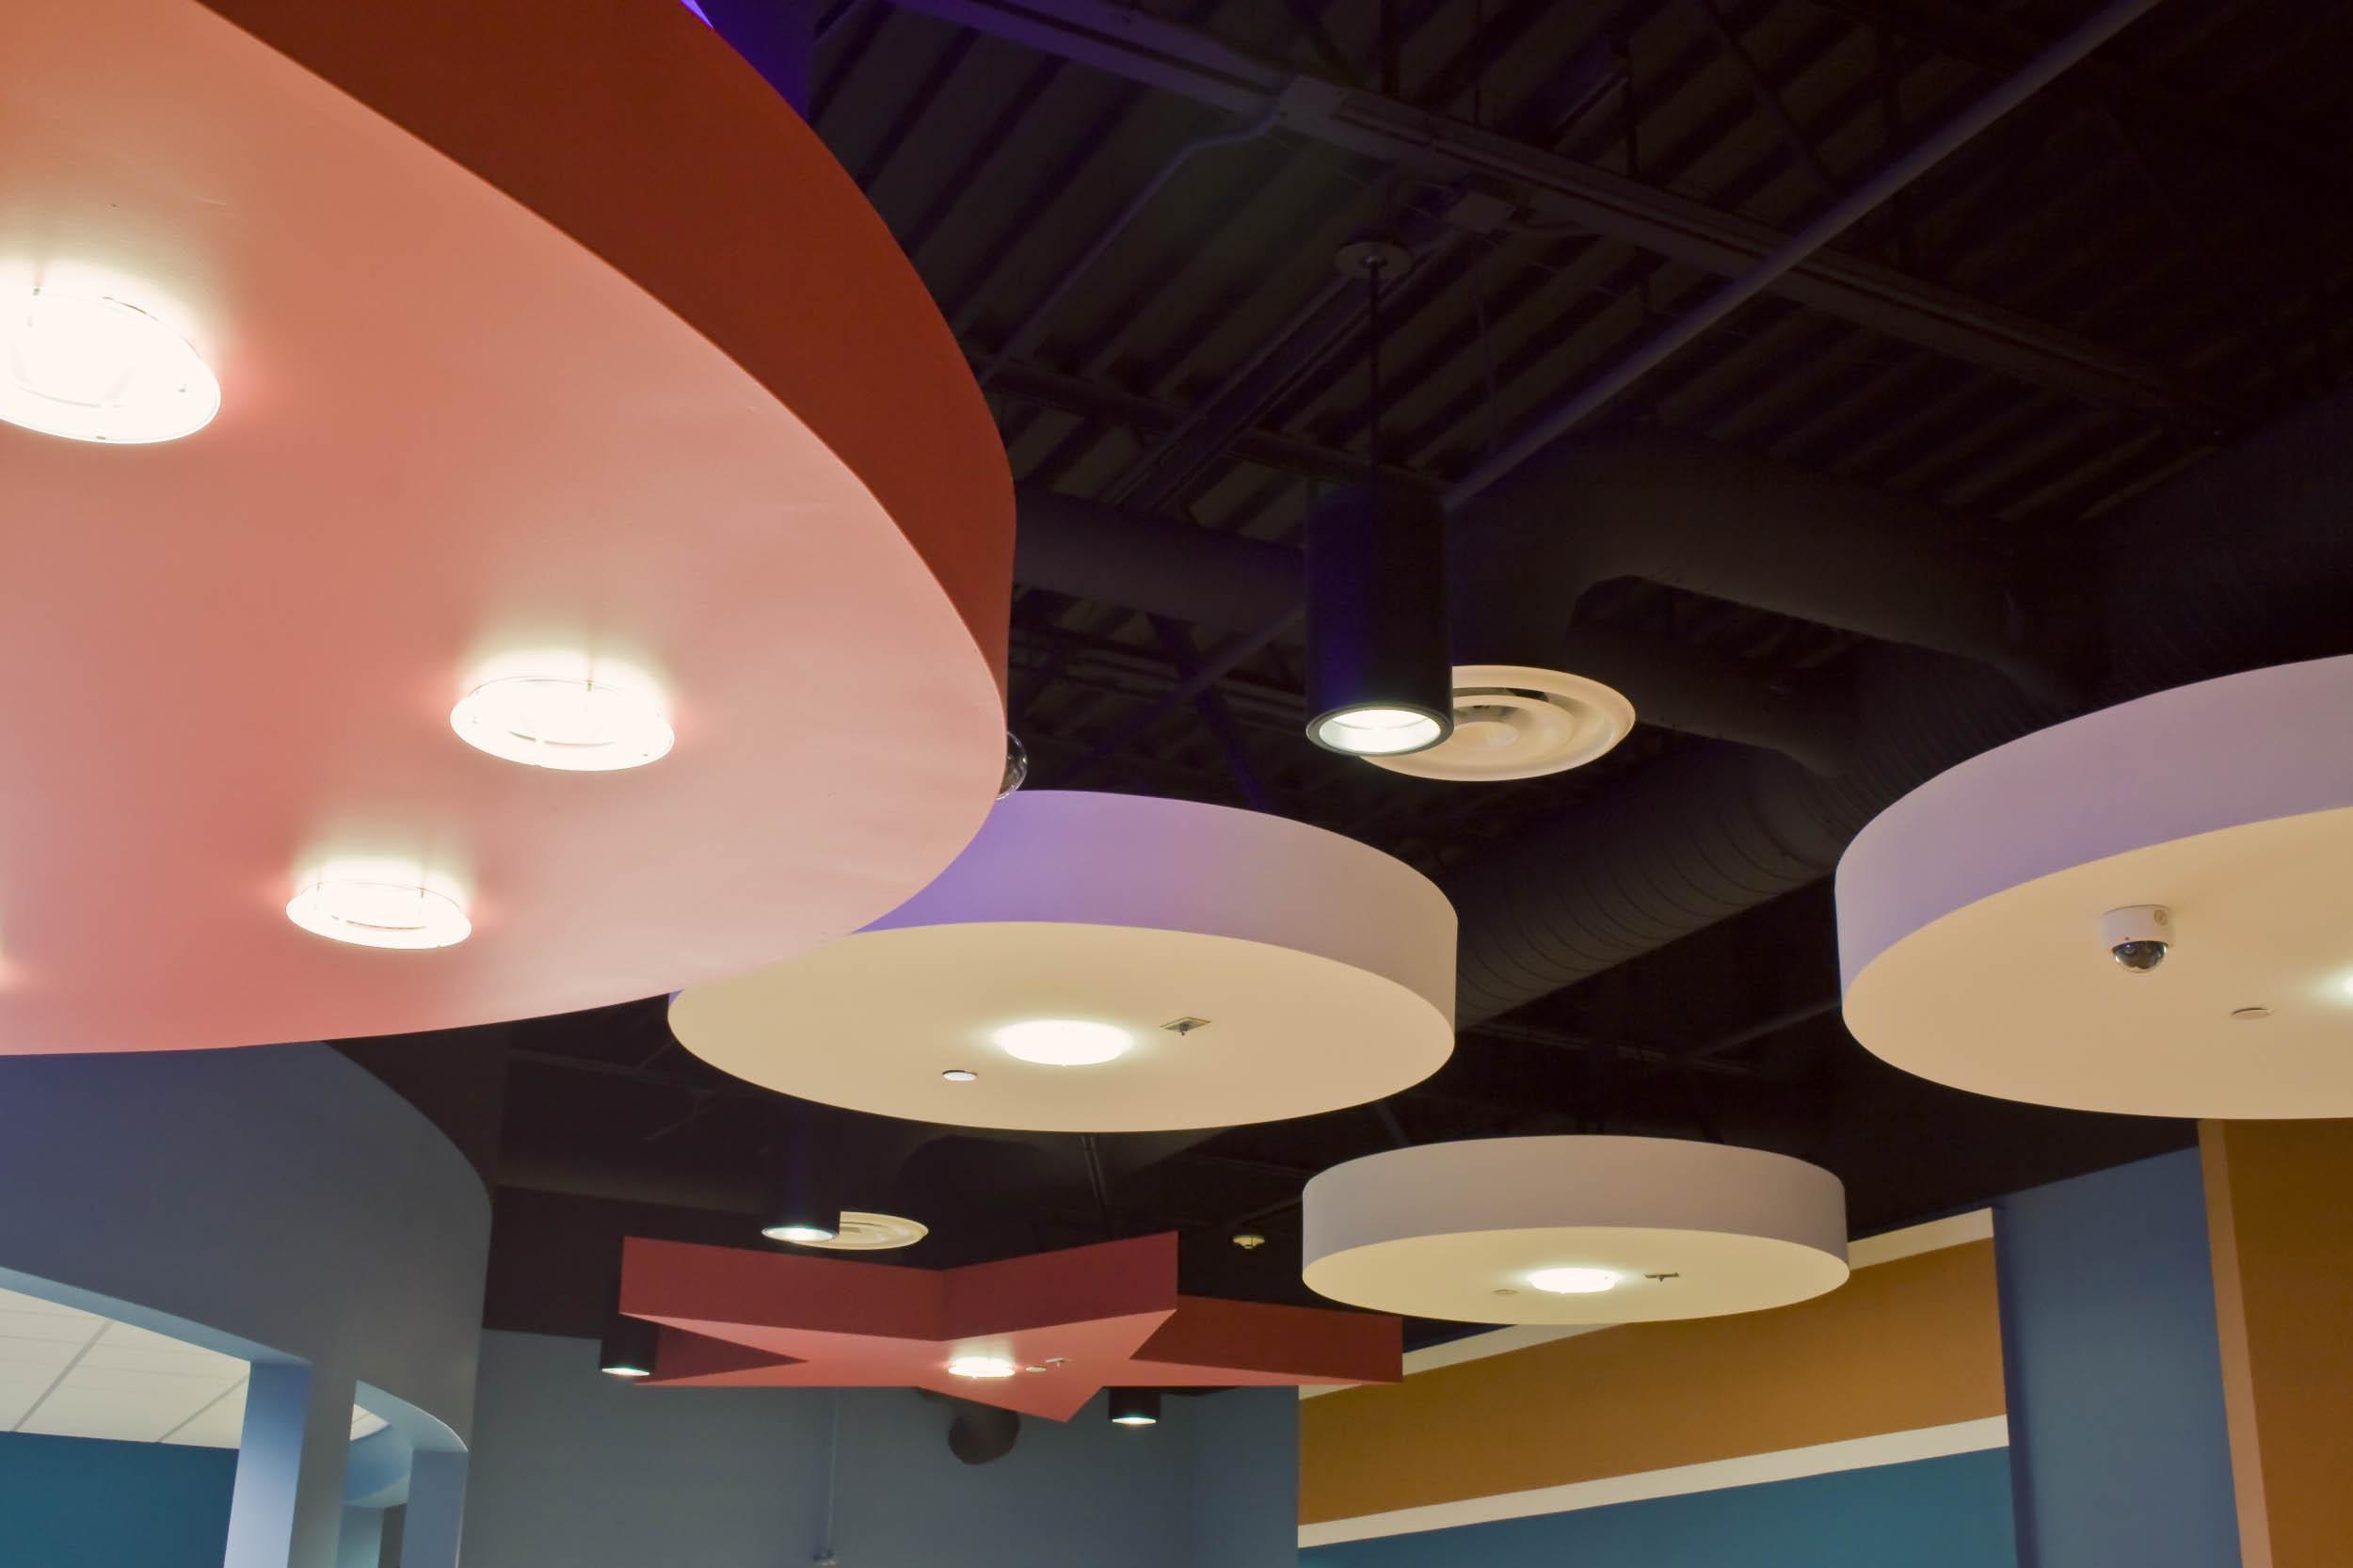 USBC Ceiling Wide Shot